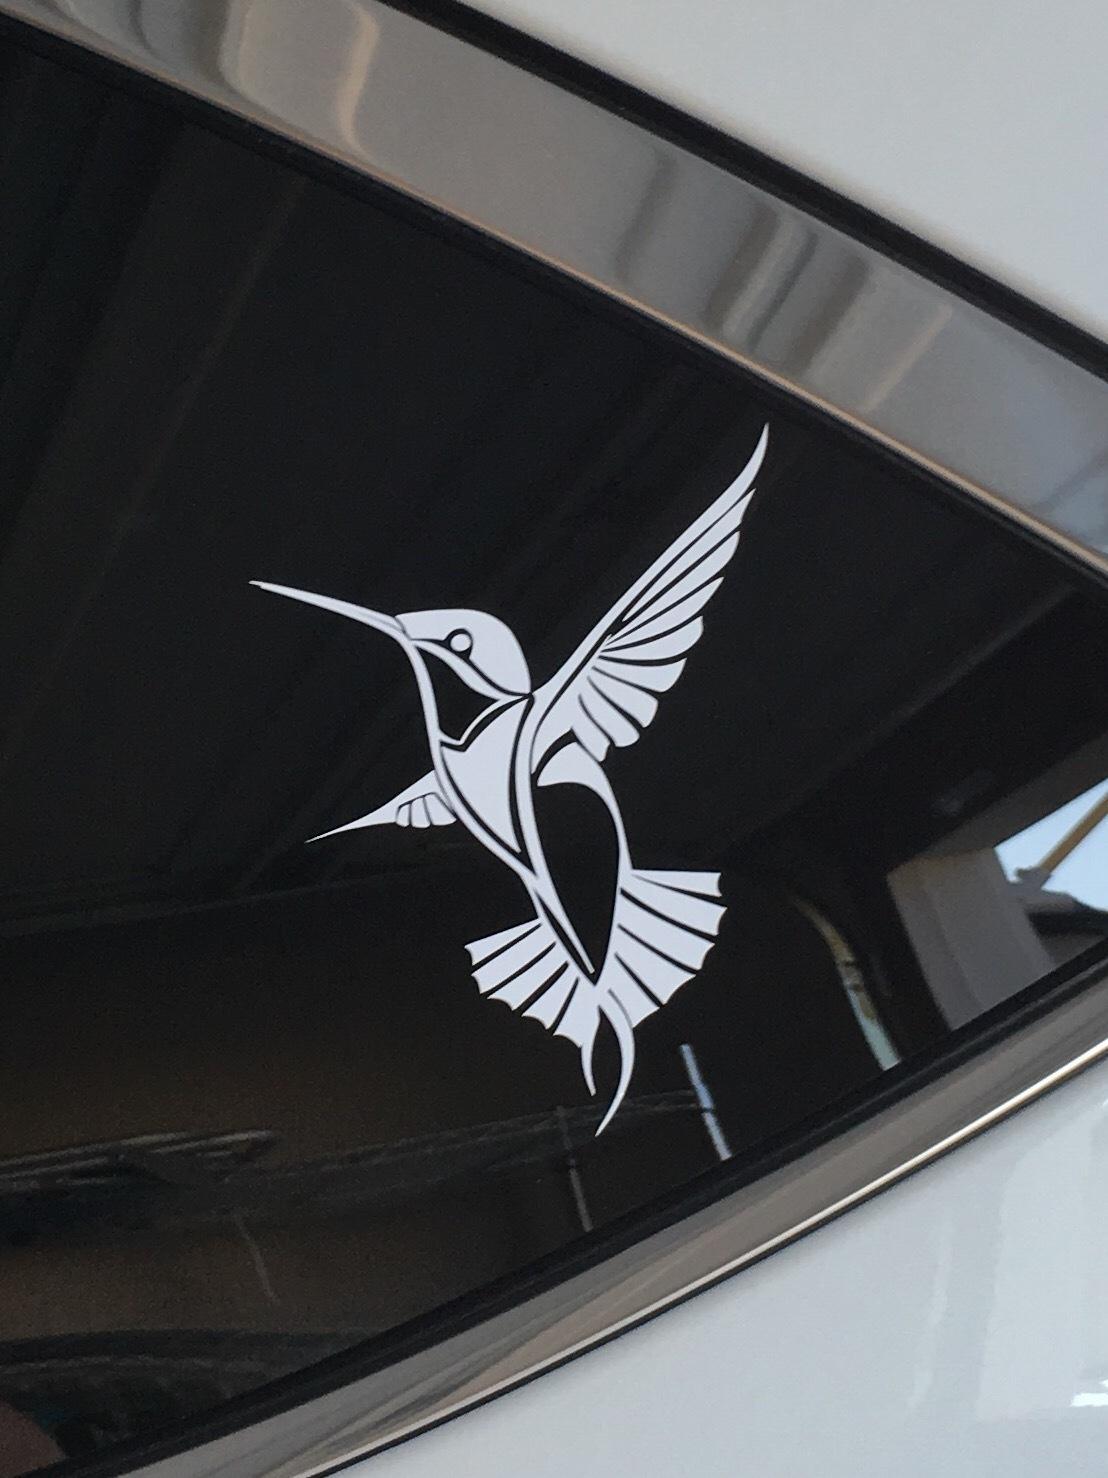 Jennifer's photograph of their Detailed Hummingbird Sticker